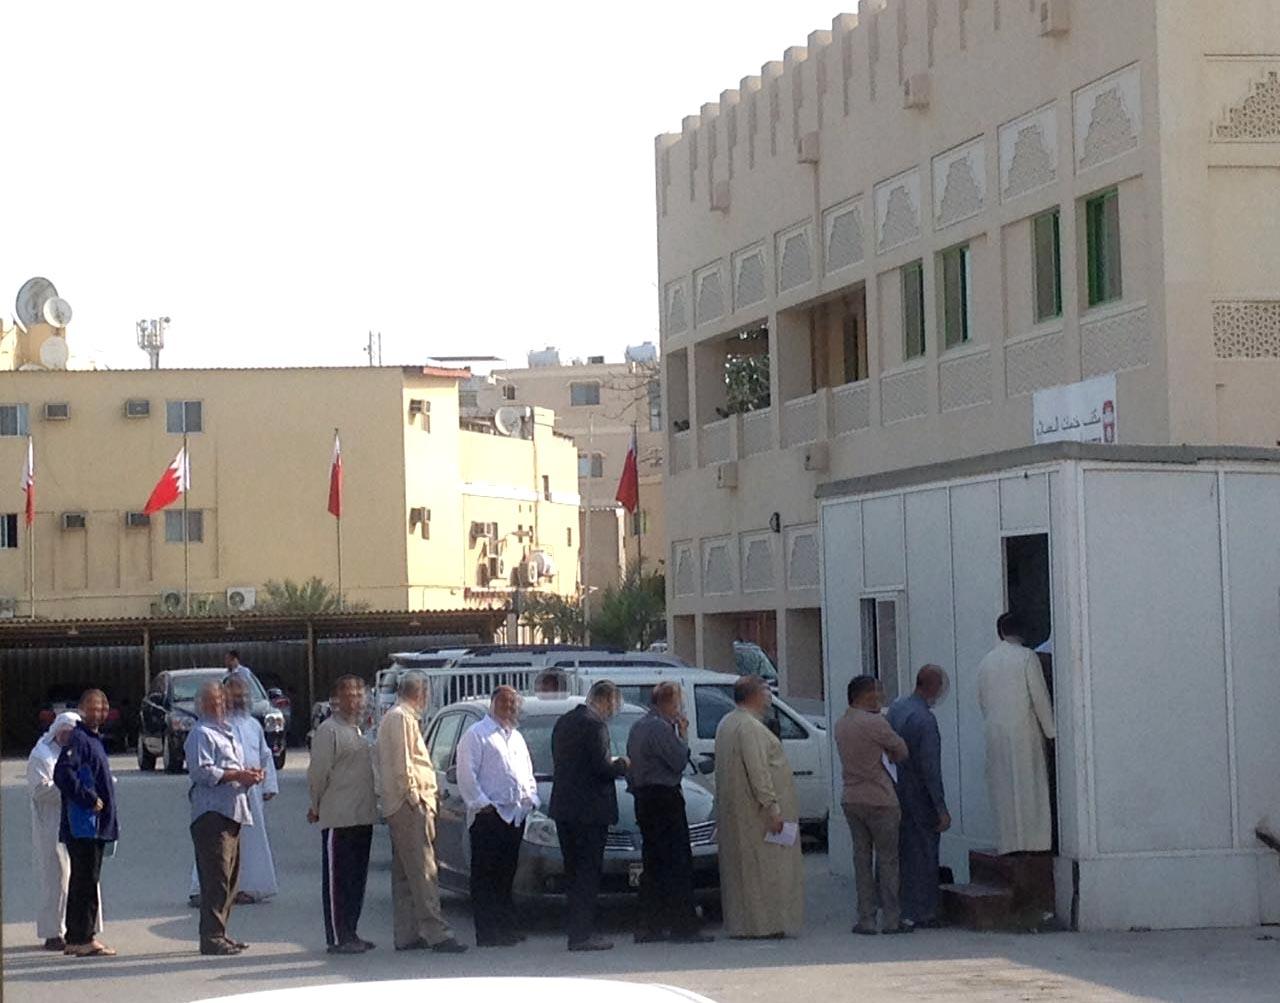 صورة تناقلتها وسائل التواصل الاجتماعي لطابور من المواطنين امام مكتب تسليم أكياس القمامة اليوم